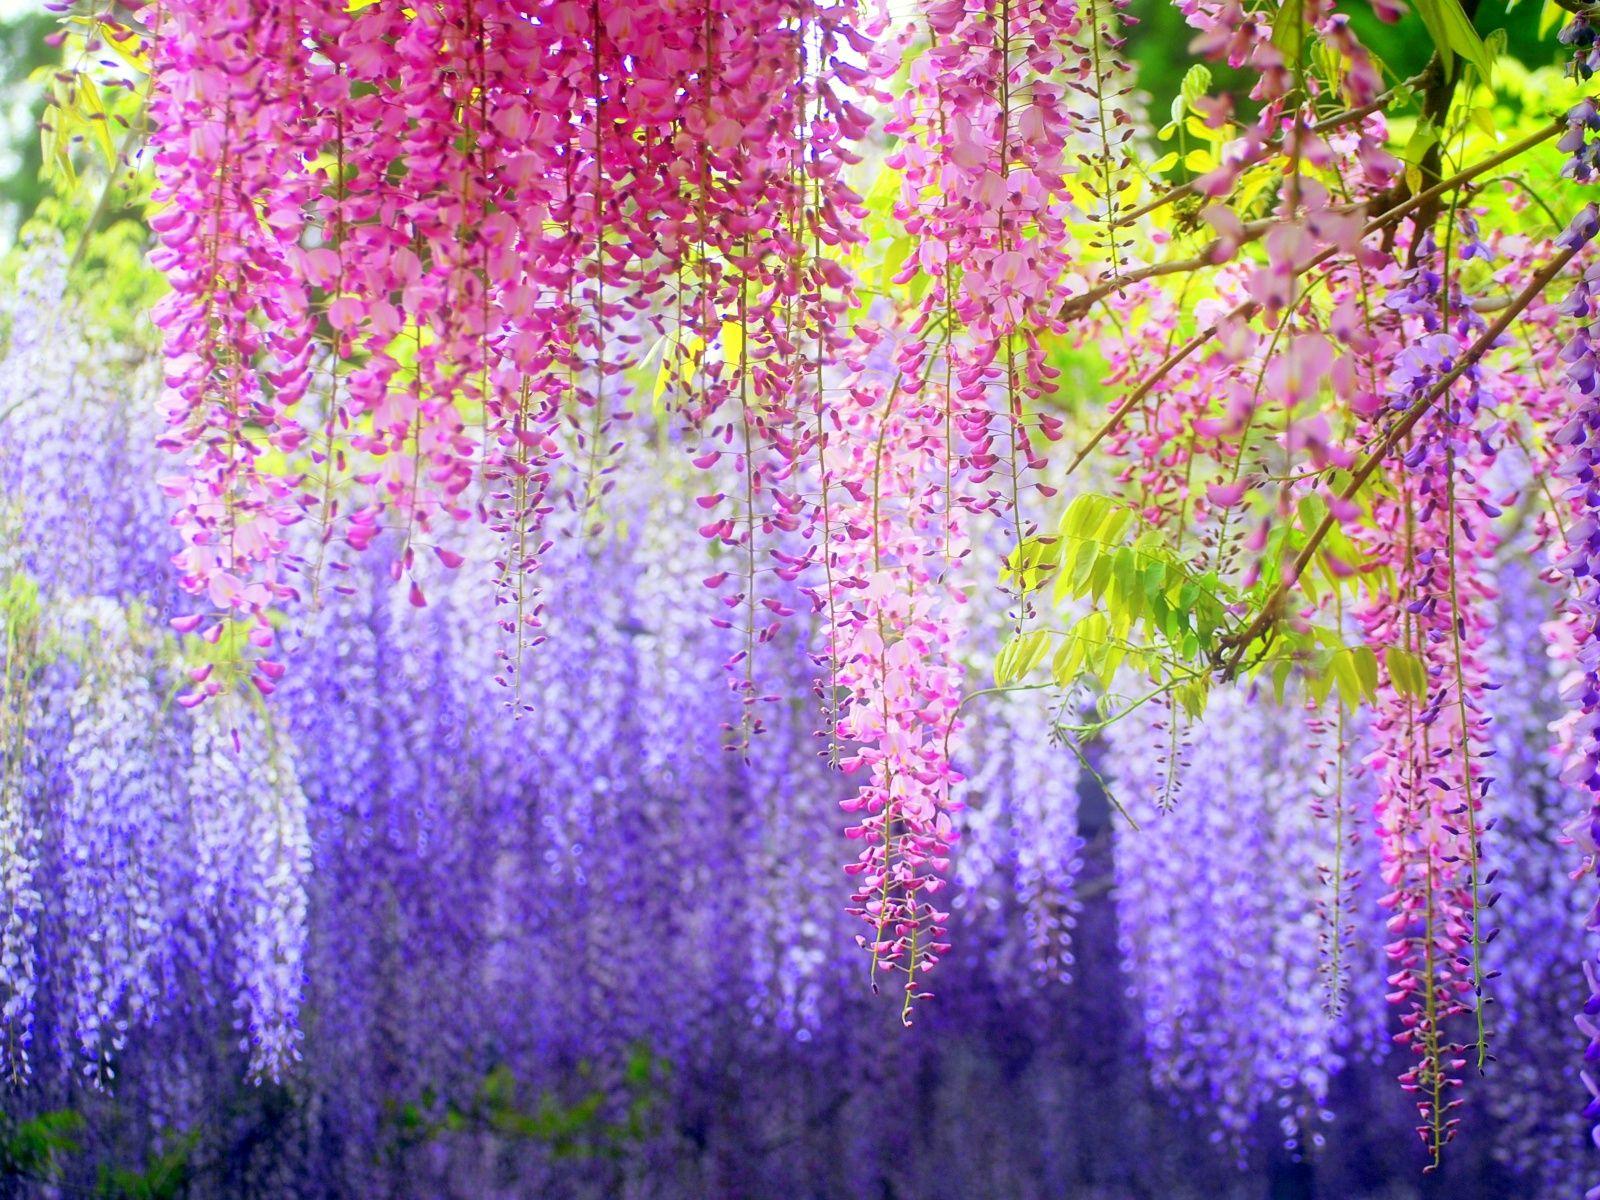 目を奪われるほど美しい 藤の花の名所 河内藤園 花のトンネルが幻想